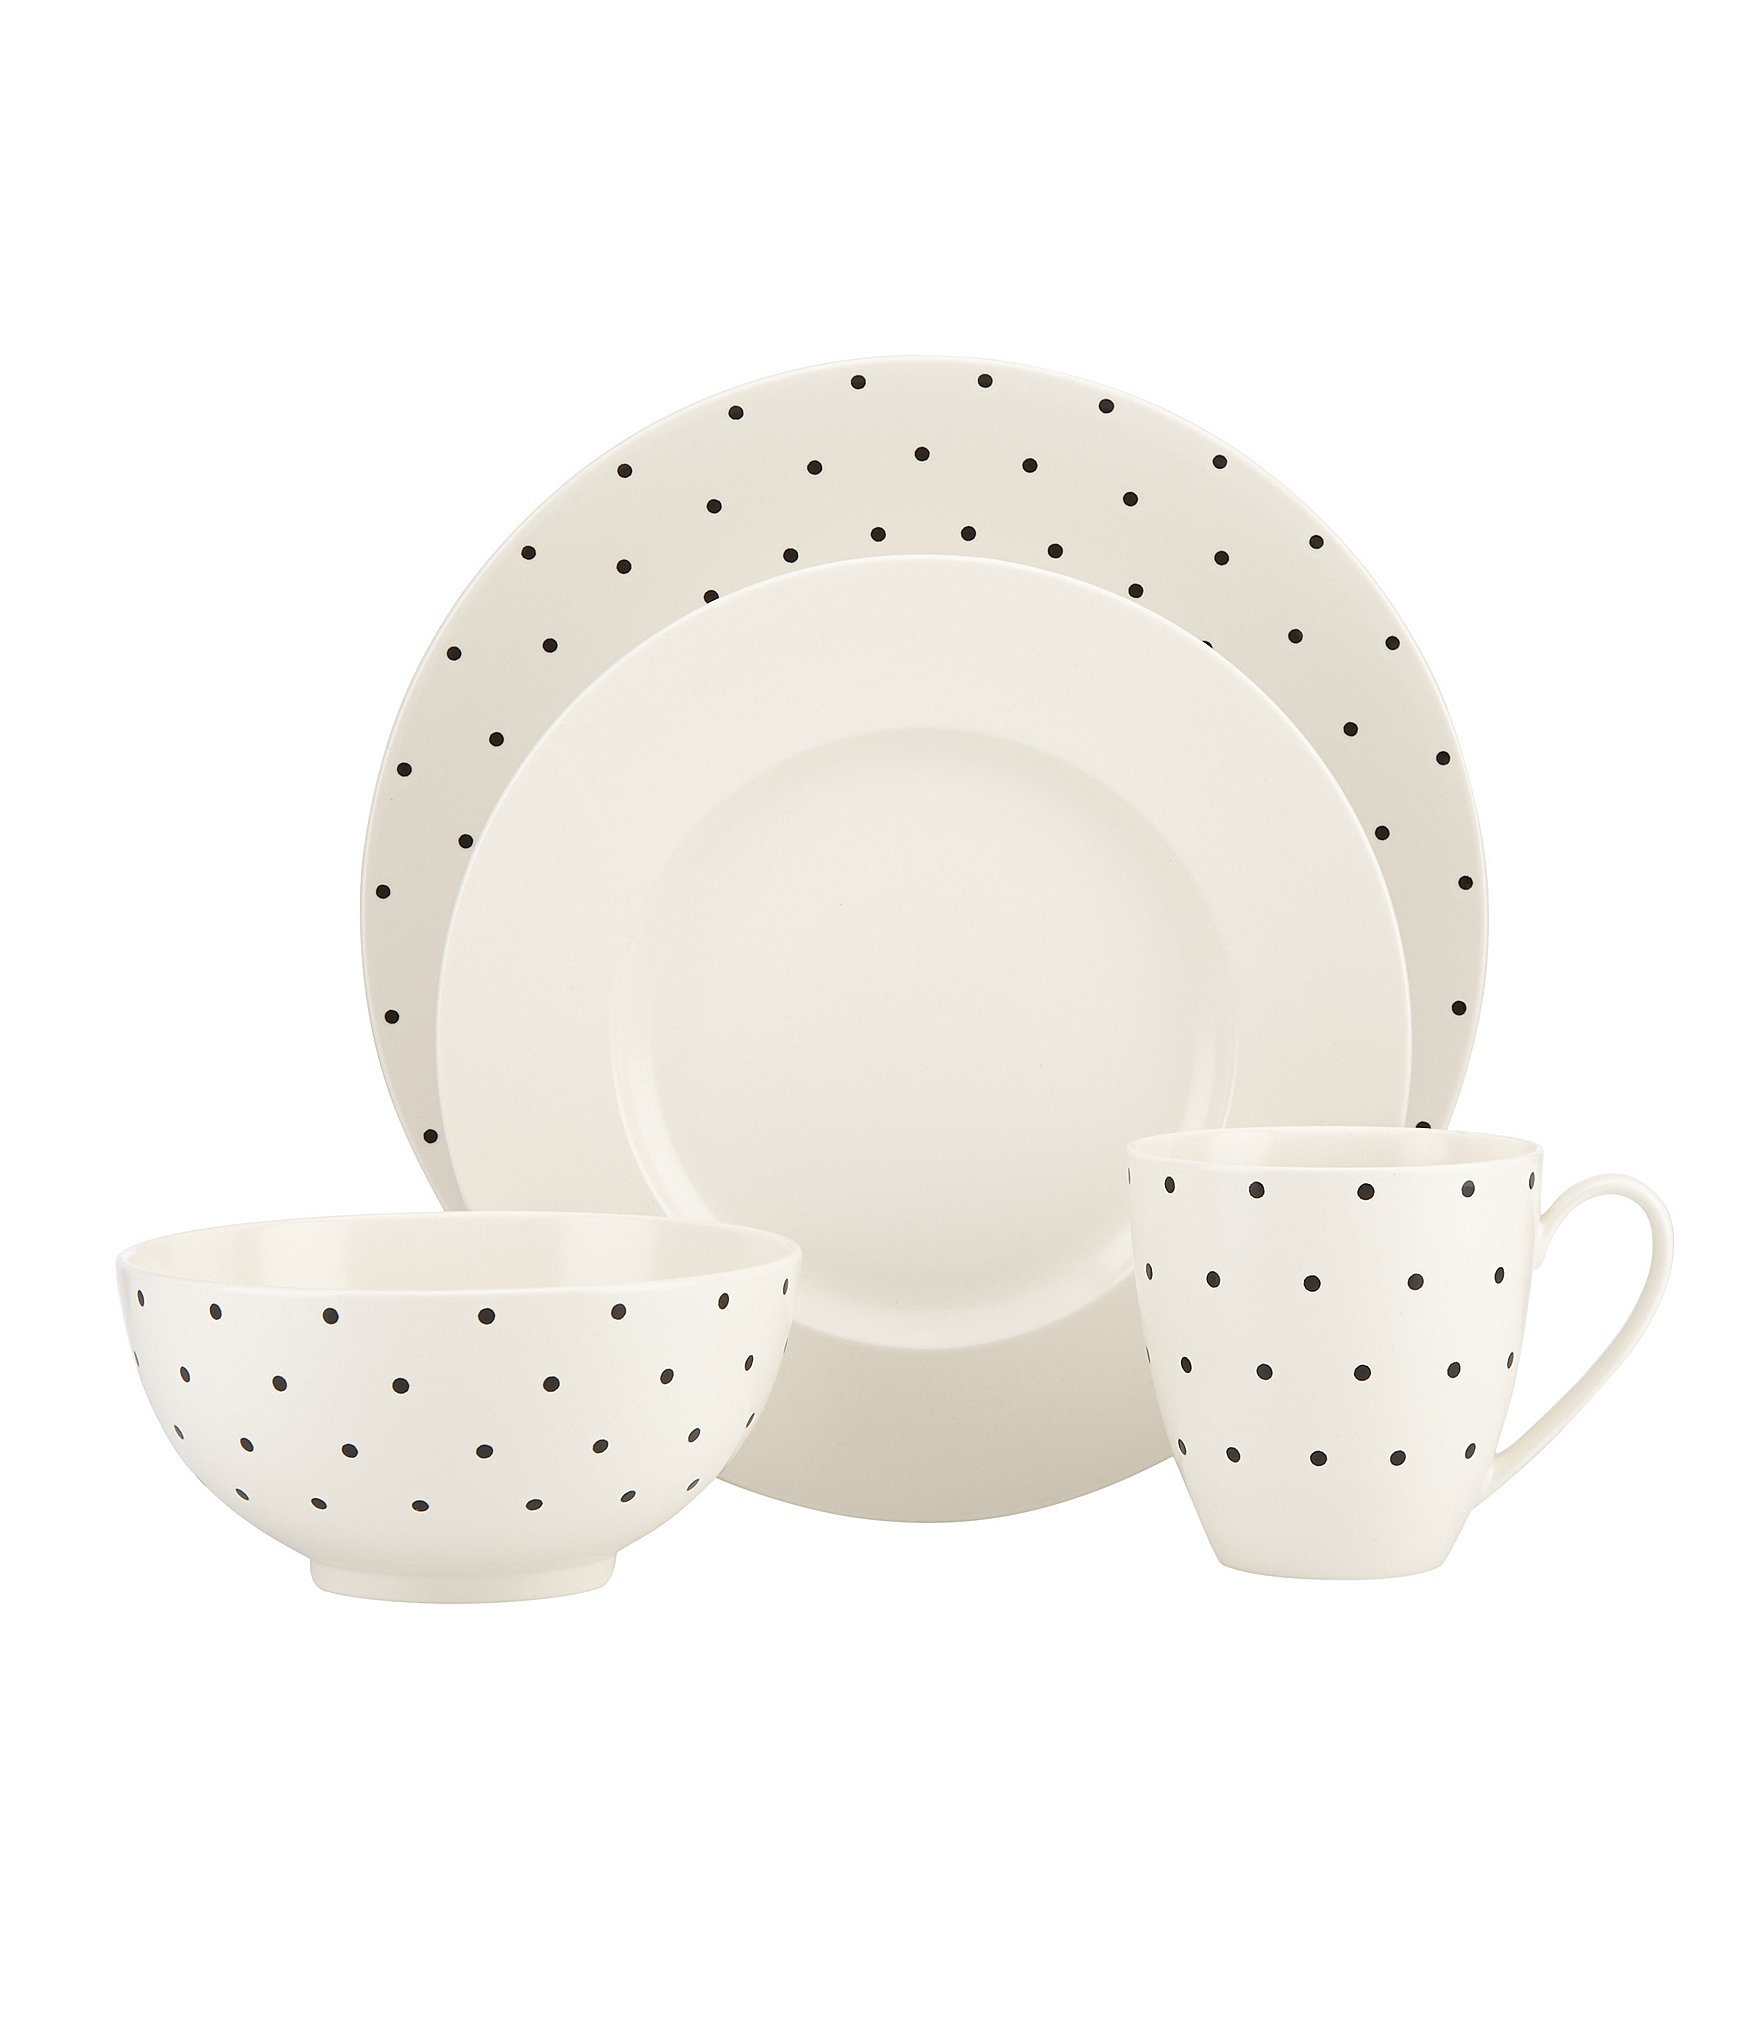 sc 1 st  Dillard\u0027s & Casual Everyday Dinnerware: Plates  Dishes \u0026 Sets   Dillards